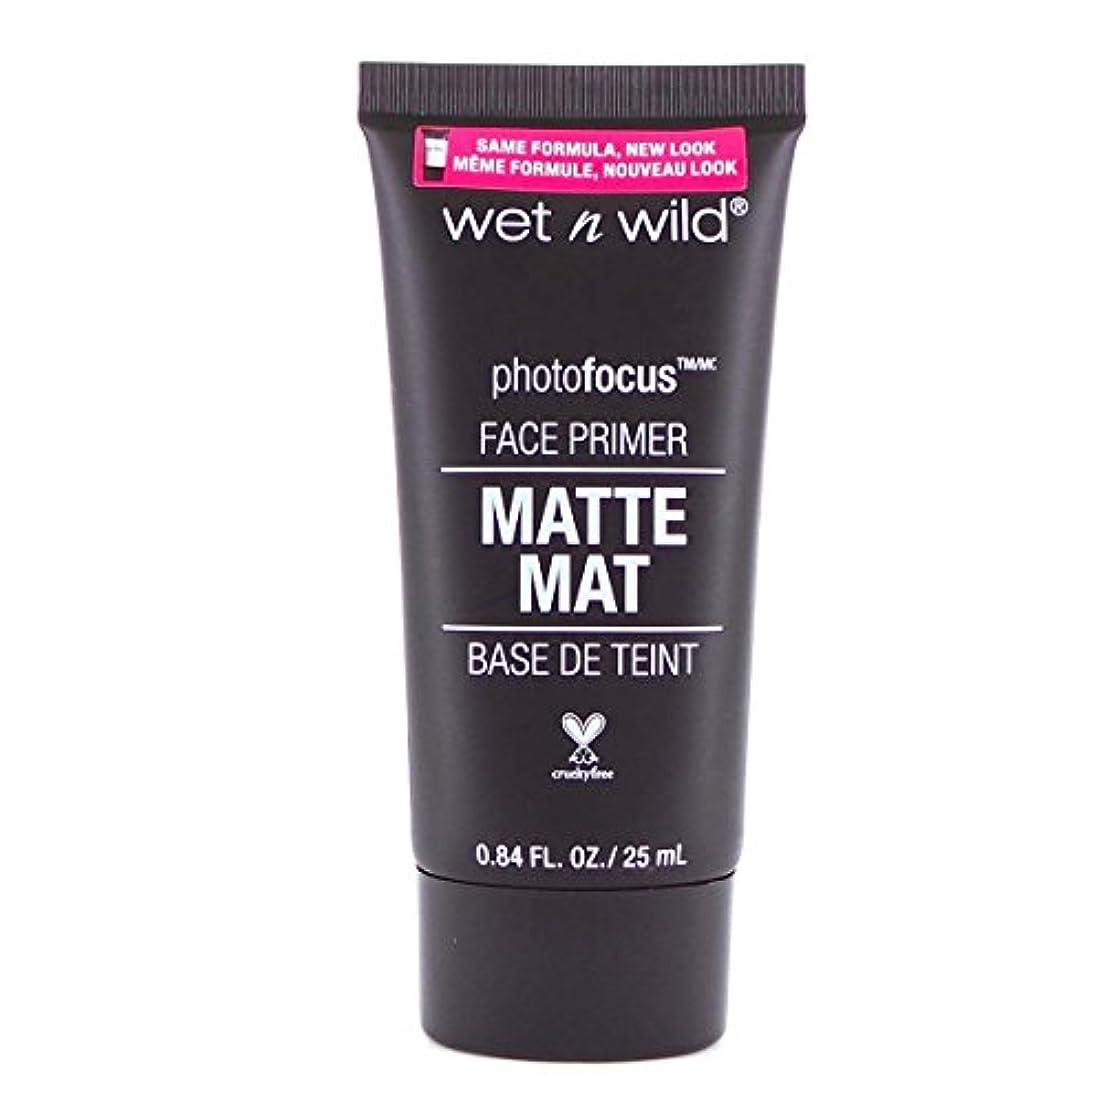 角度意気消沈したレーニン主義(6 Pack) WET N WILD CoverAll Face Primer (並行輸入品)